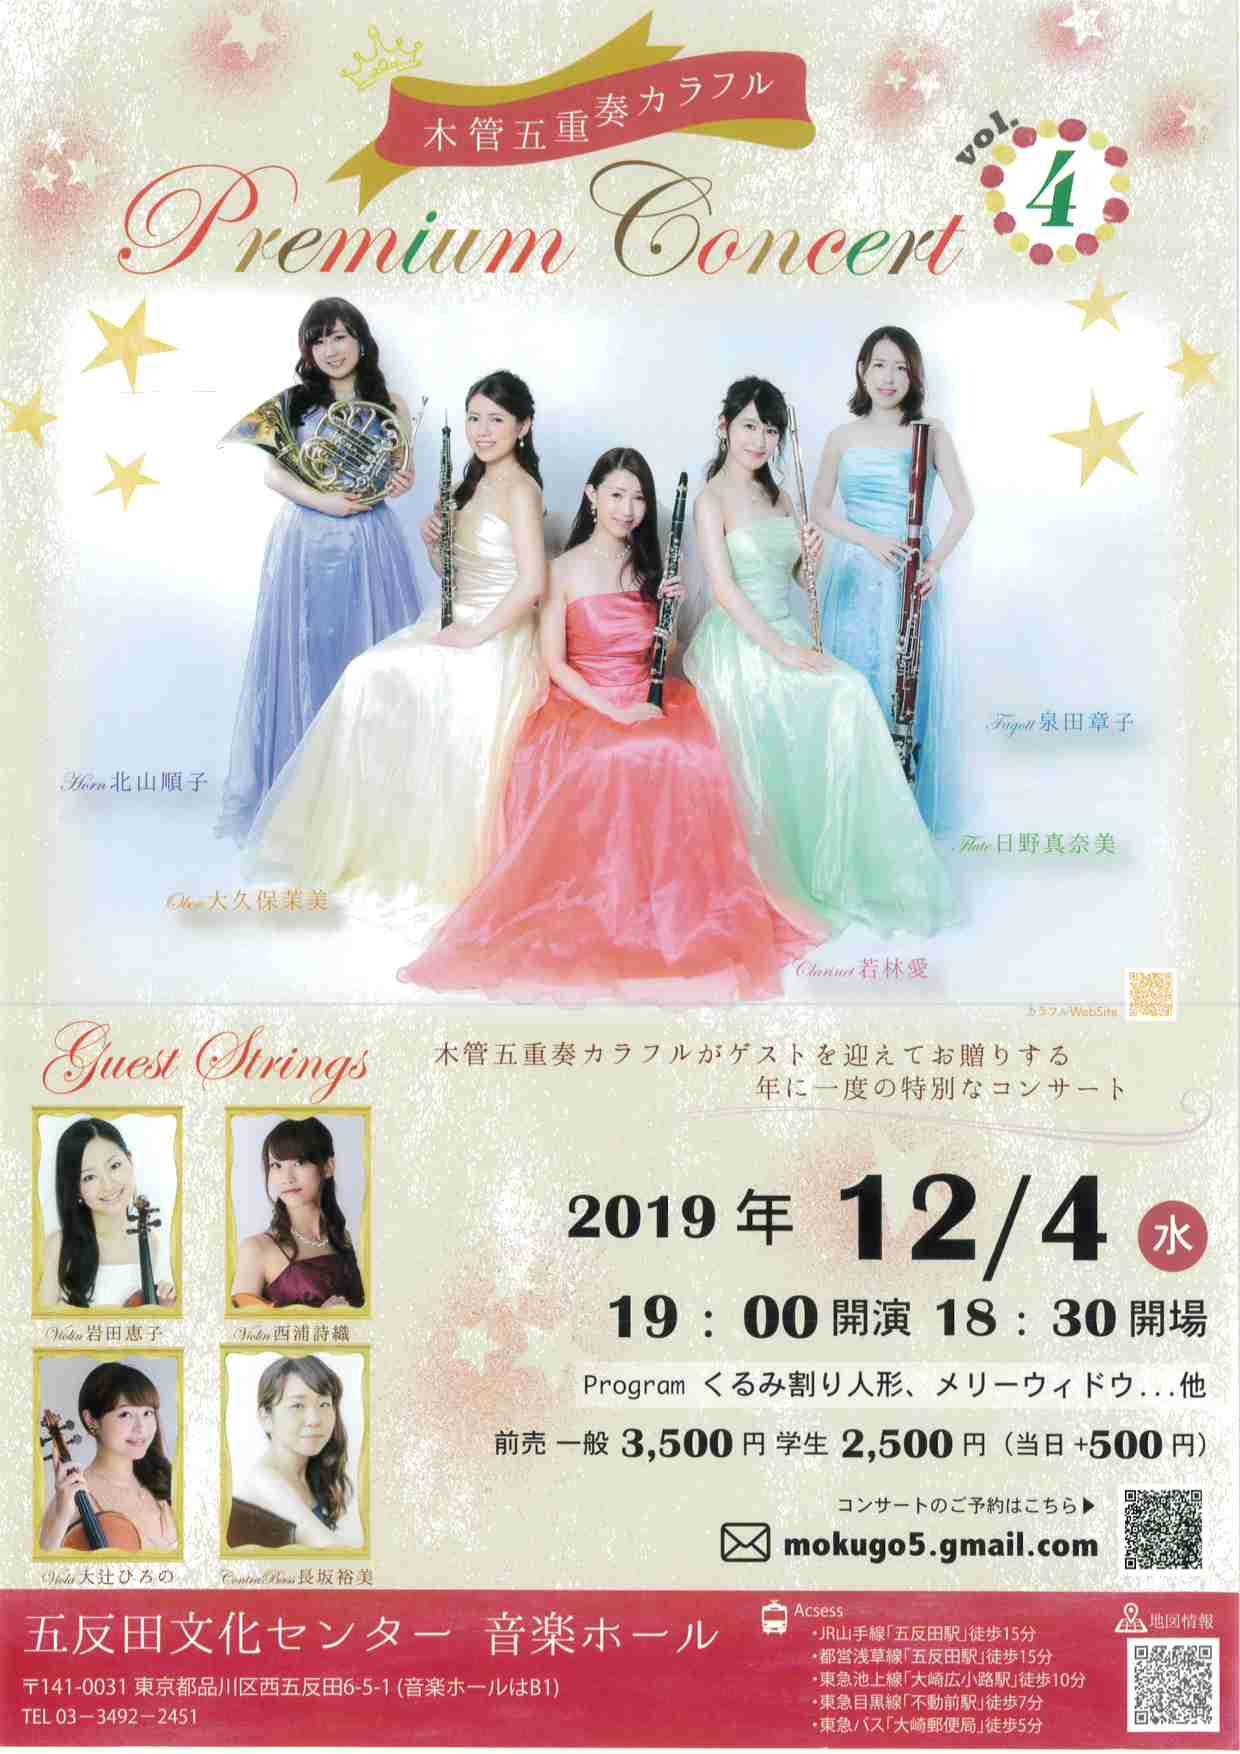 木管五重奏カラフル Premium Concert Vol.4